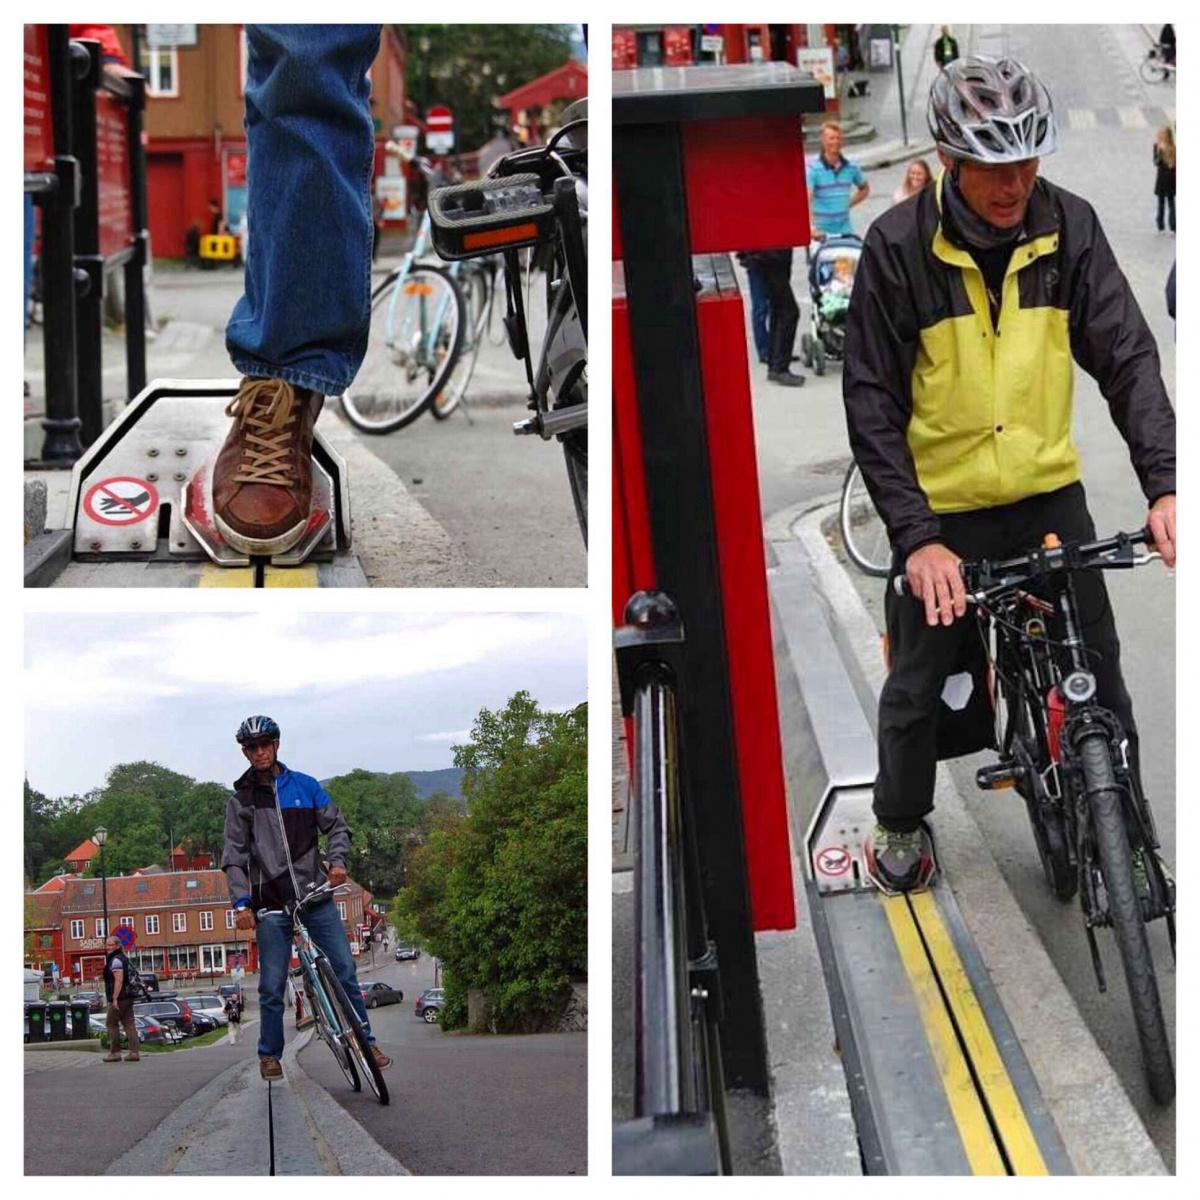 инфраструктурные проблемы - эскалатор для велосипедистов